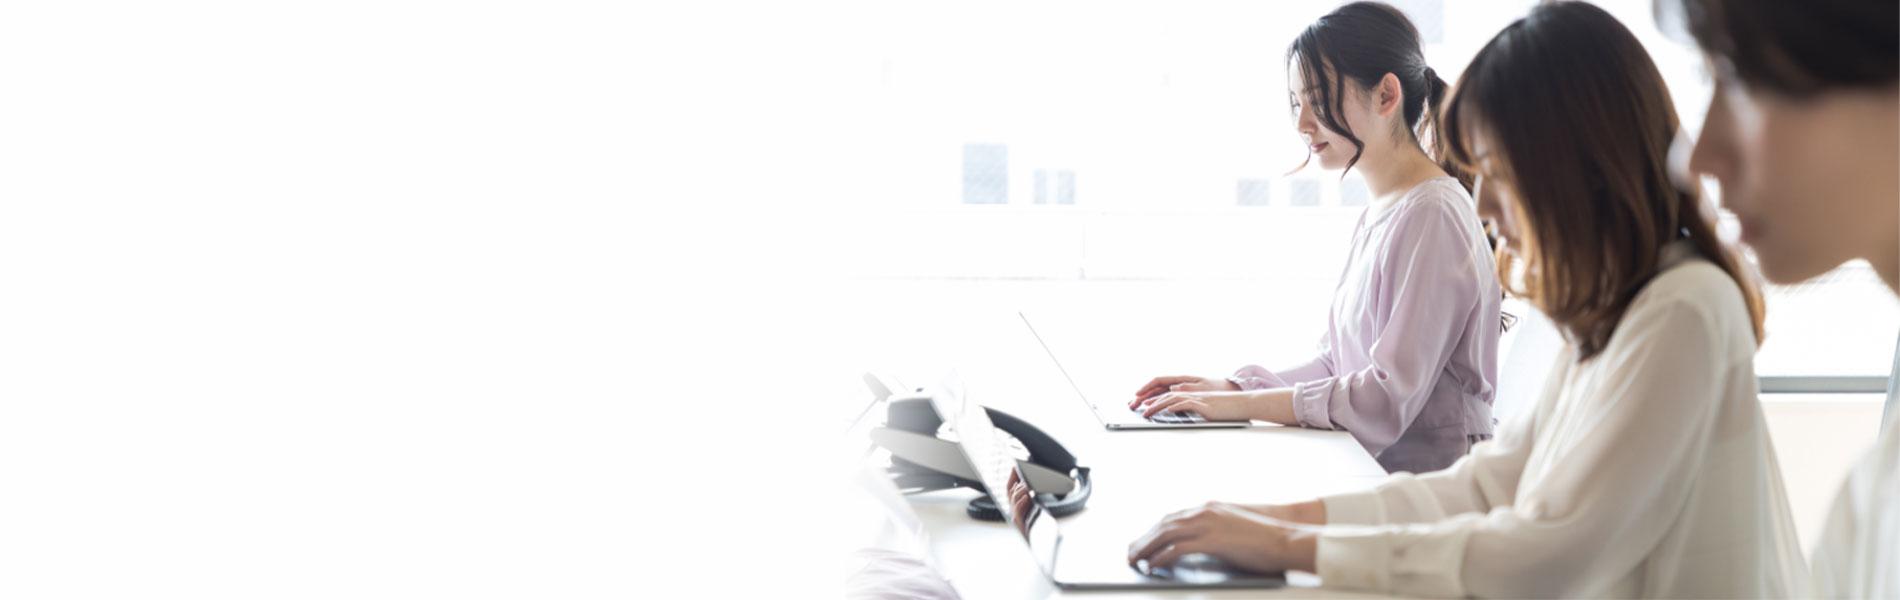 日本プログラミングスクール個人のお客様向け講座画像